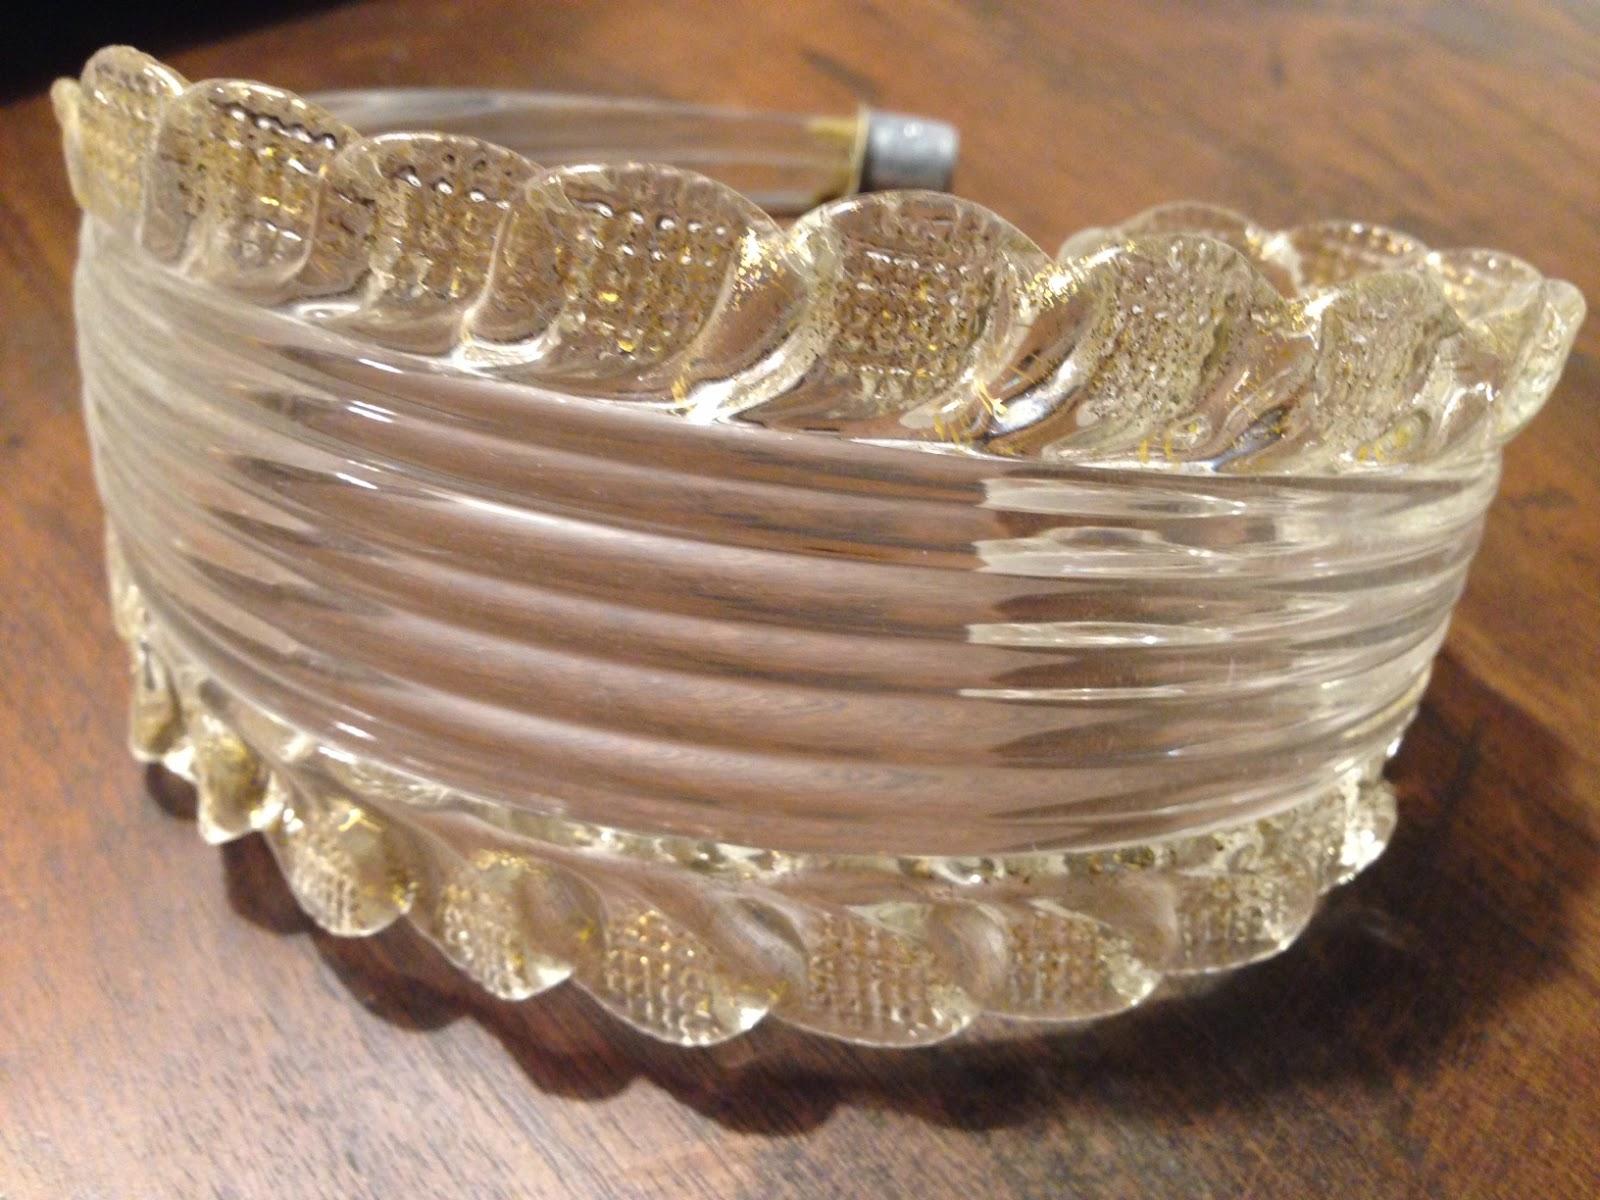 Lucicastiglione fabbrica lampadari: foglia bassa oro molto bella ...